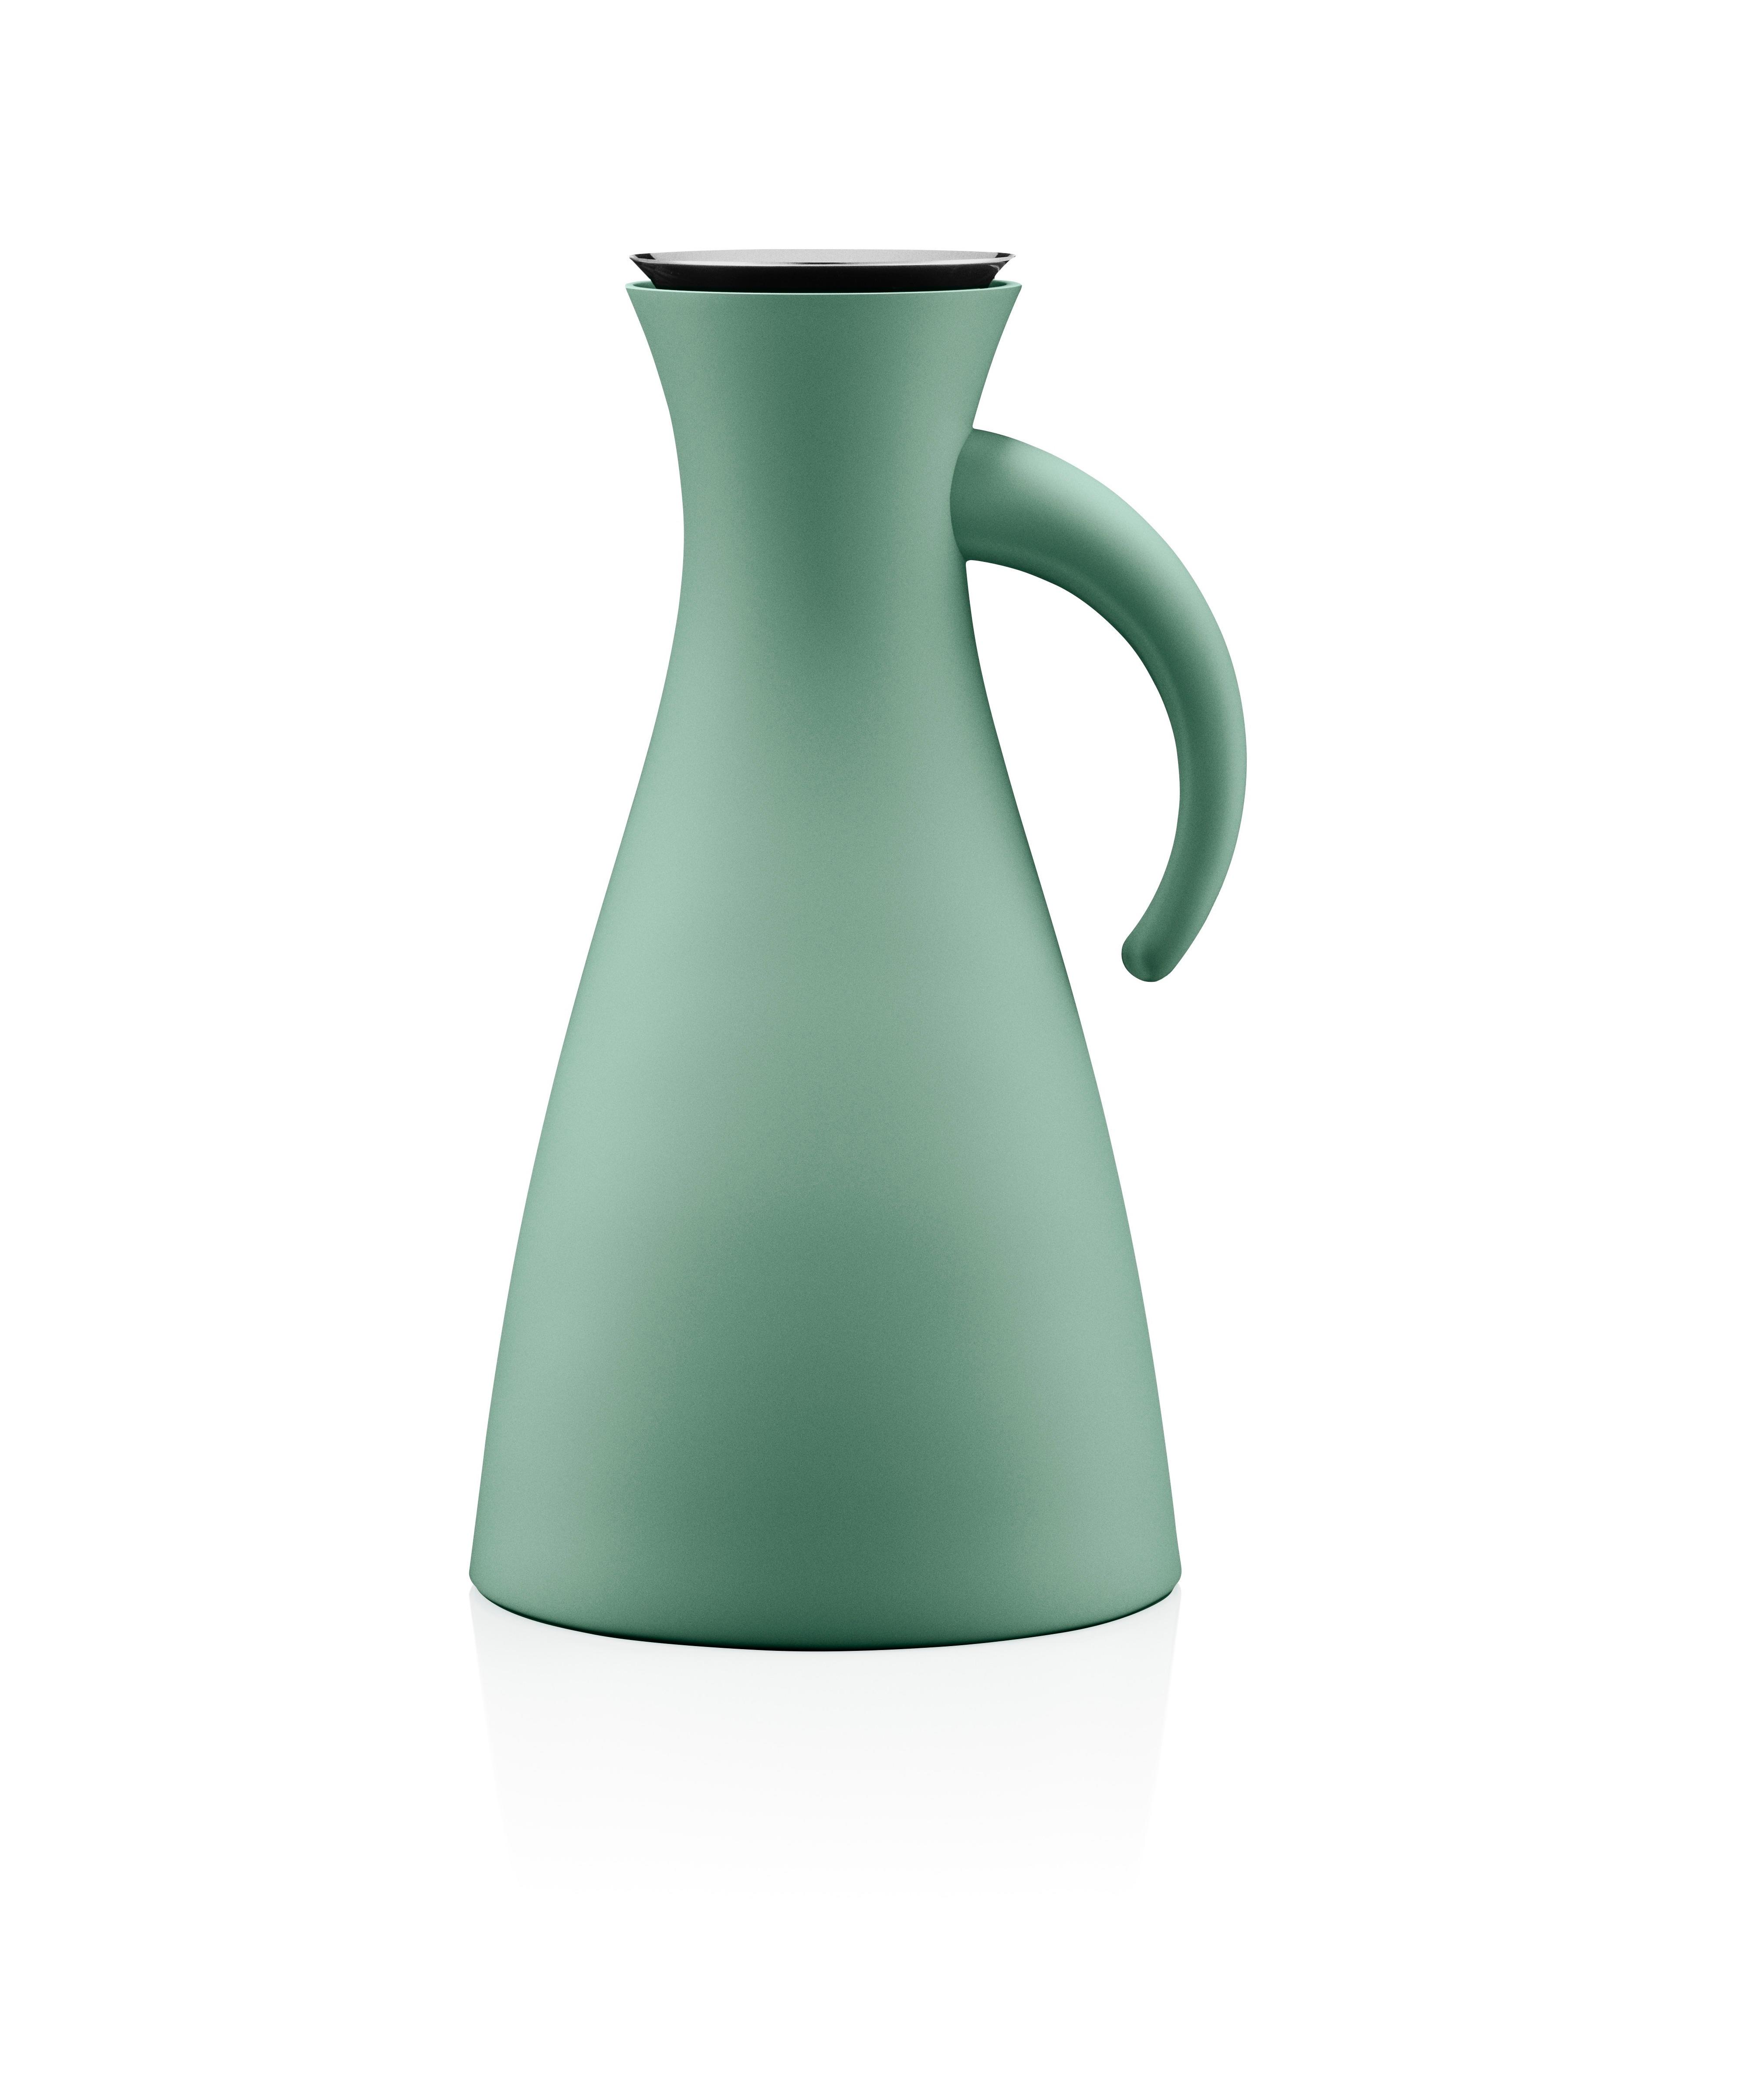 Termoskanna 1 liter Granitgrön